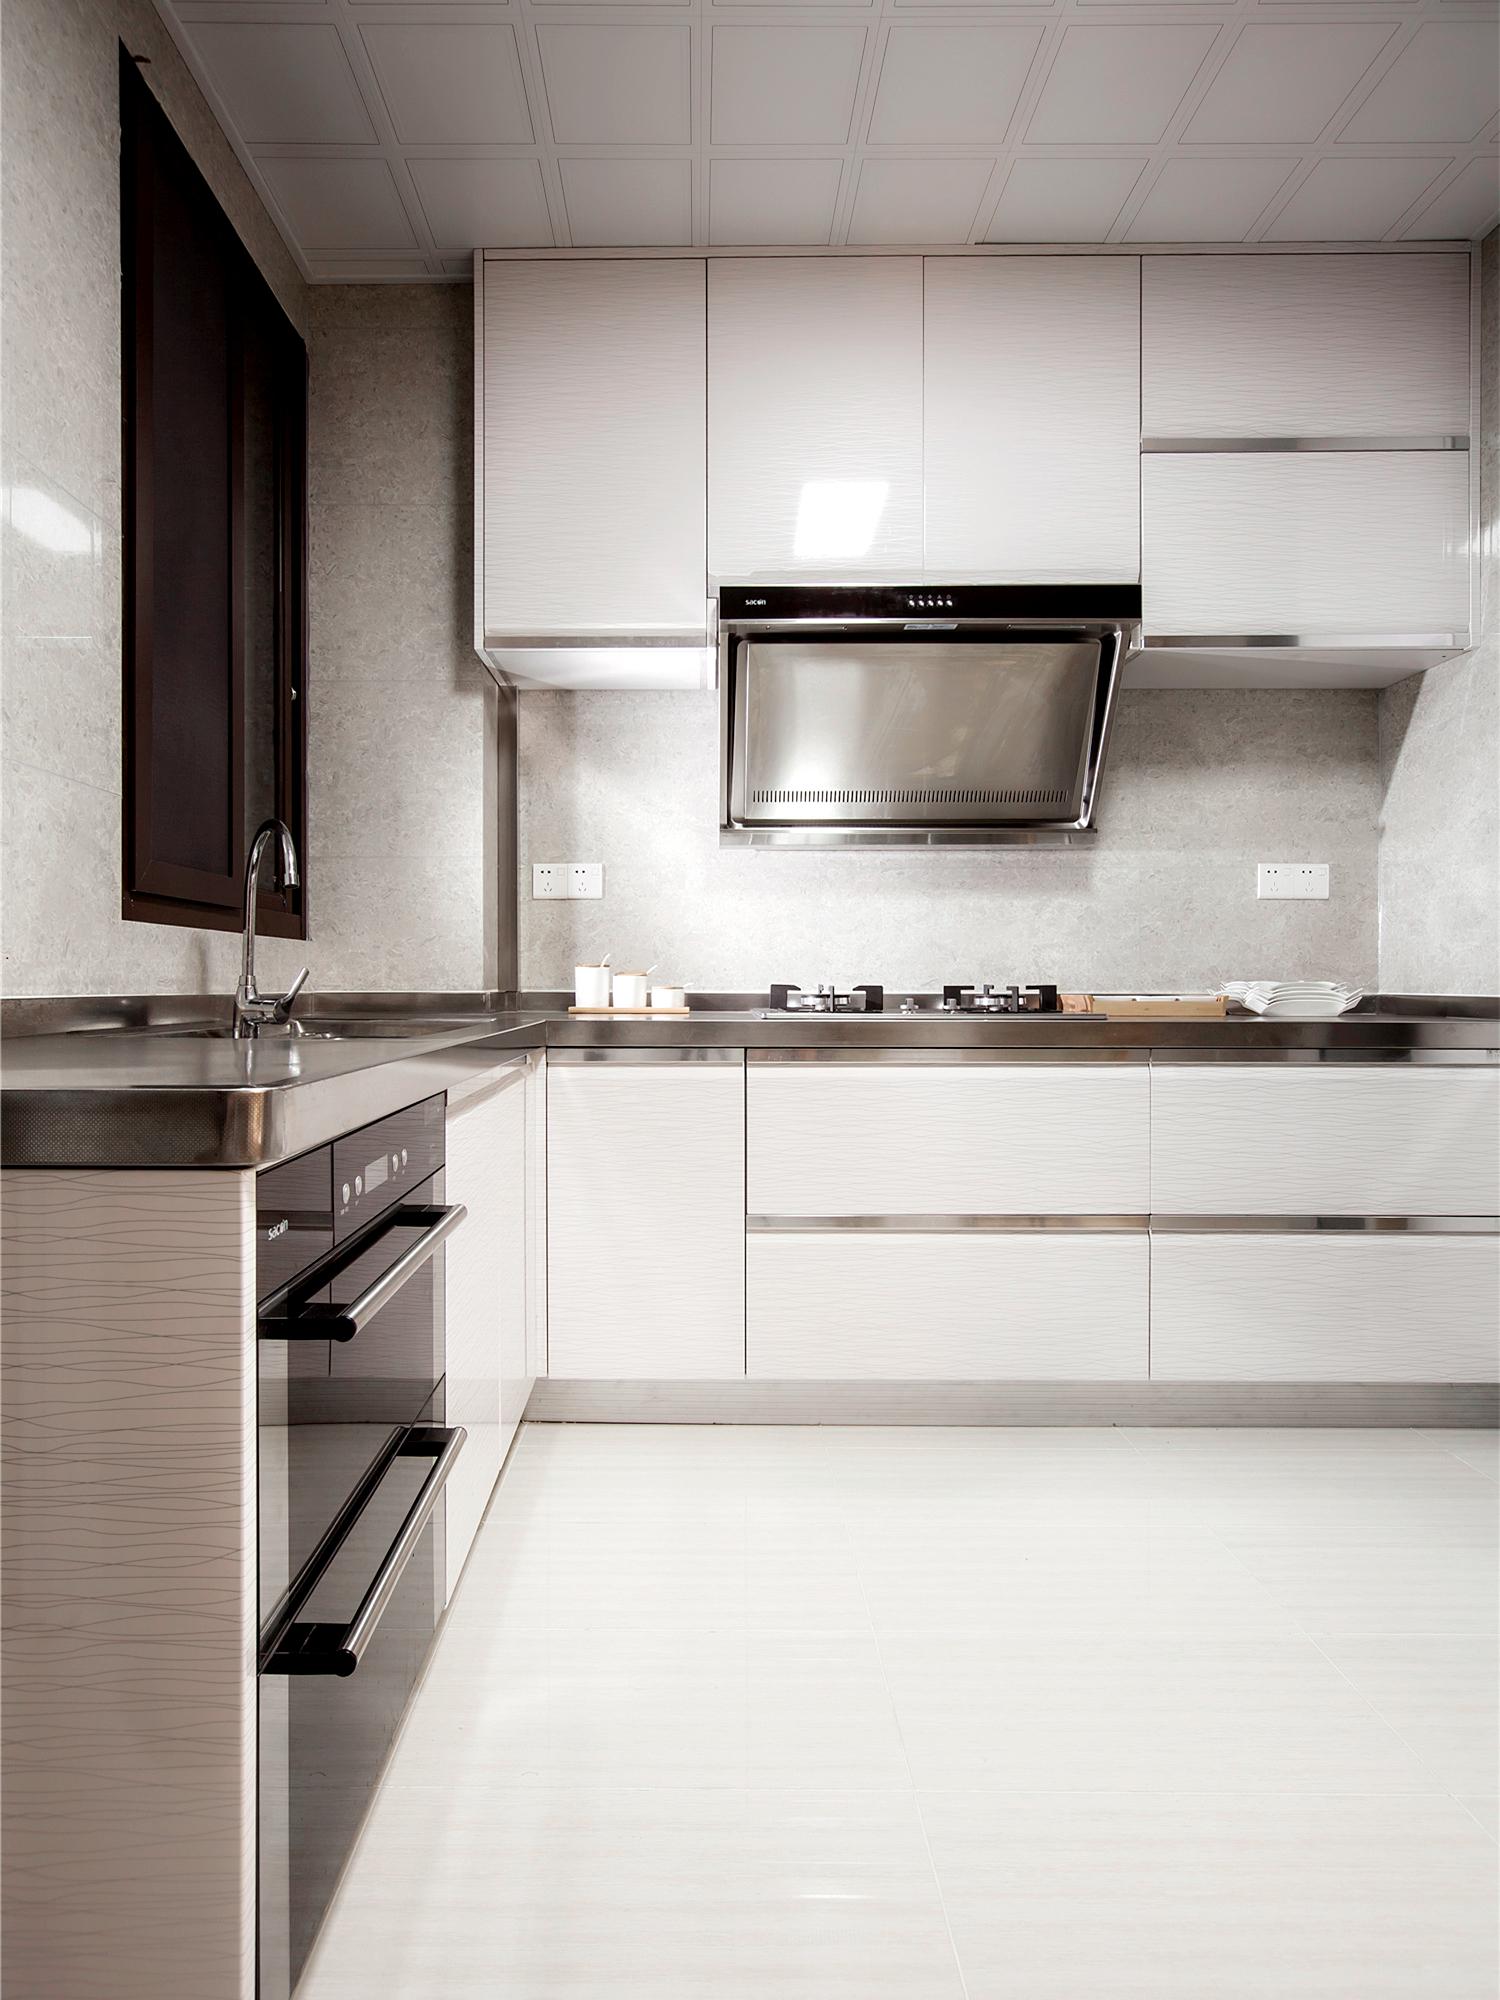 新东方 新中式 现代中式 天汇设计 游小话 厨房图片来自福建天汇设计工程有限公司在THD-天汇设计《清风韵》的分享